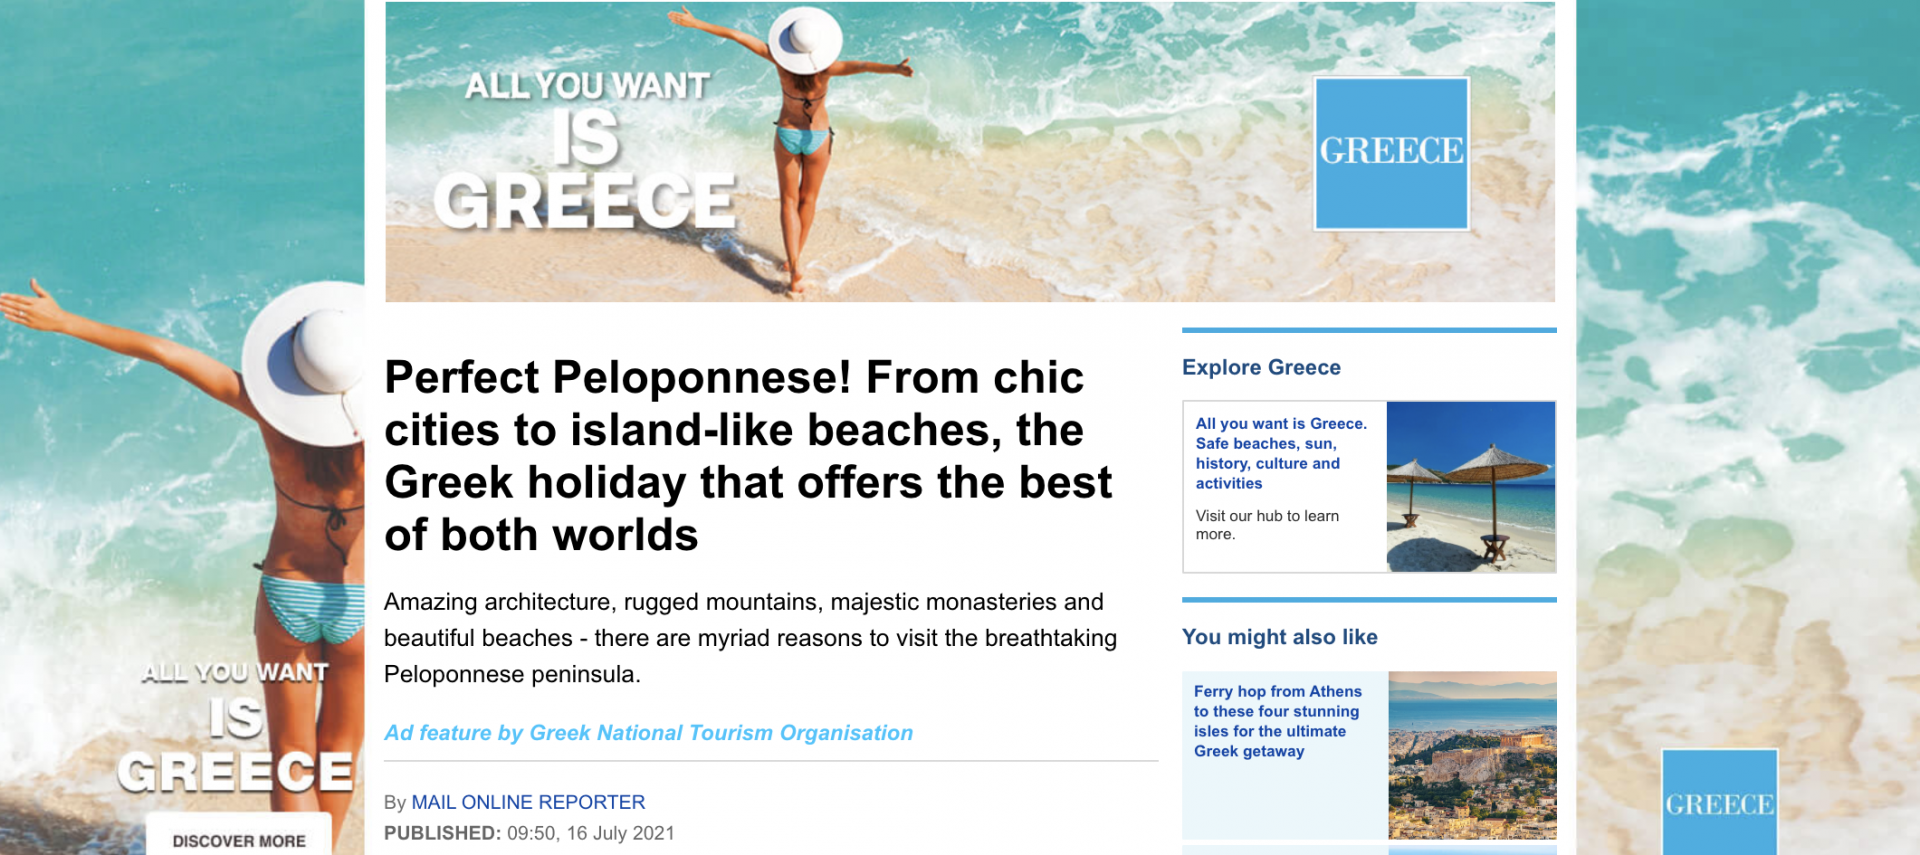 Μια πεντάδα Ελλήνων φέρνει 4 εκατομμύρια Βρετανούς στην Ελλάδα: Πώς γίνεται αυτό;